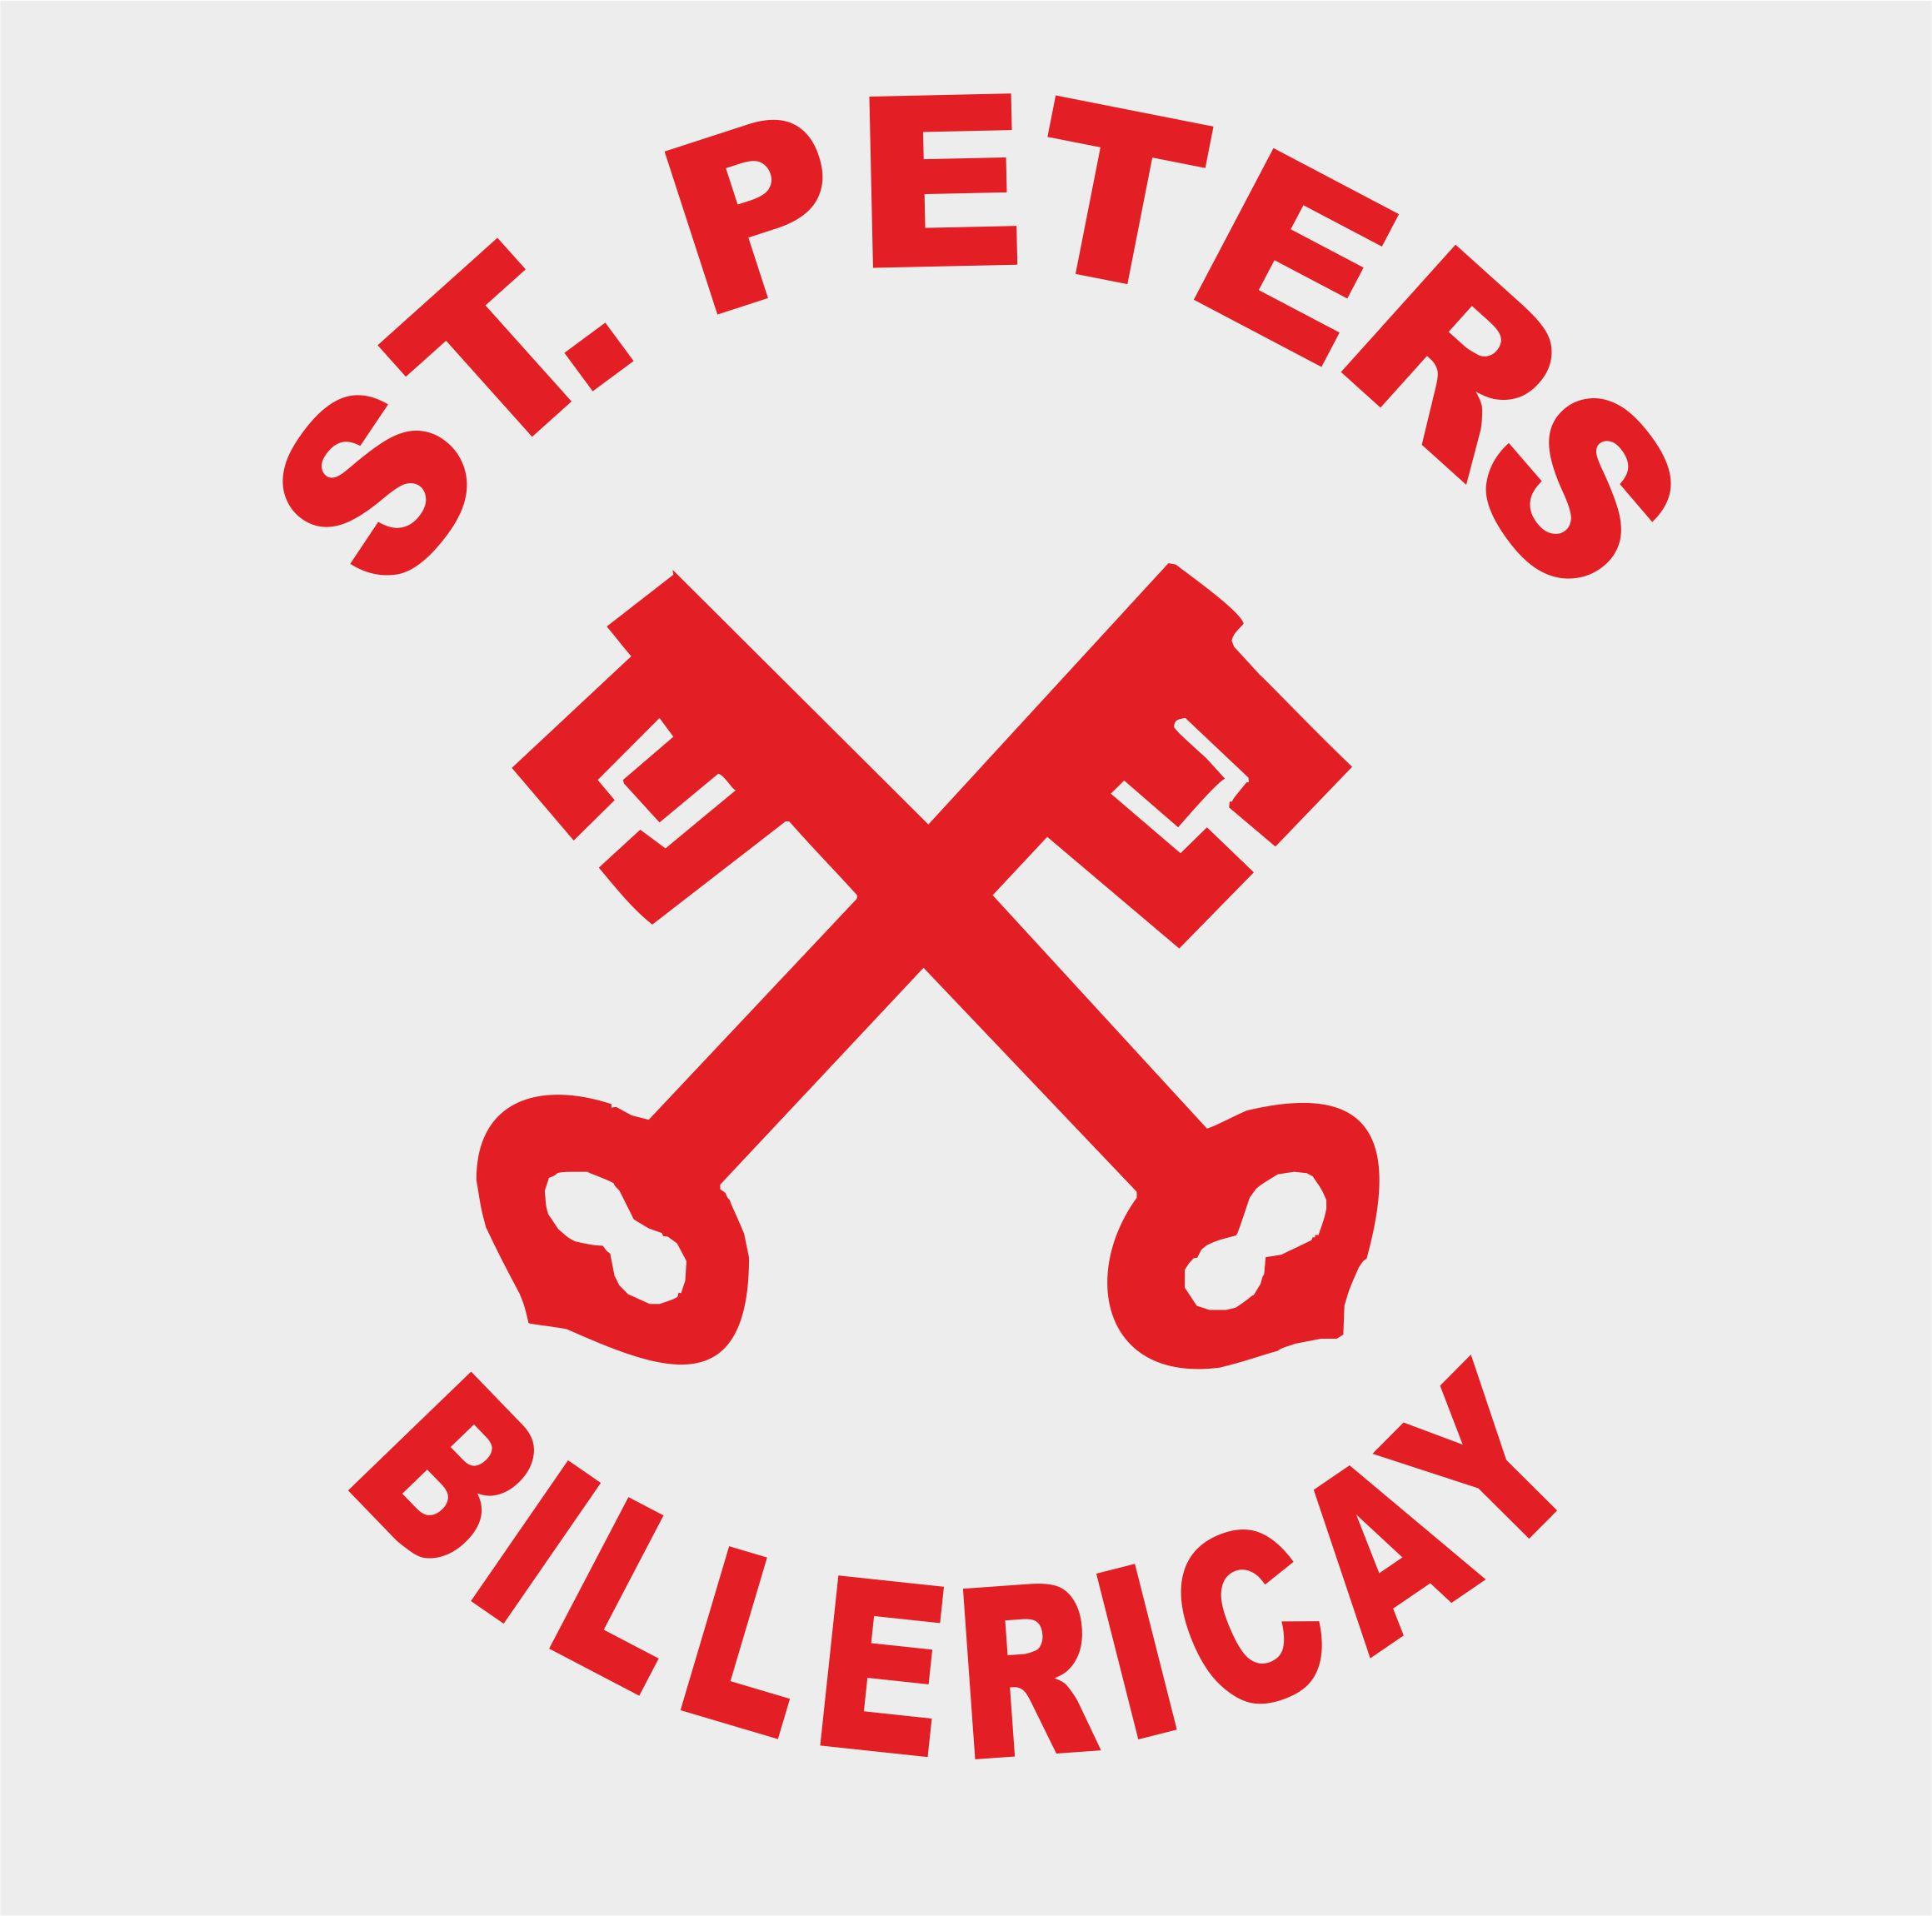 st peters LOGO1.jpg